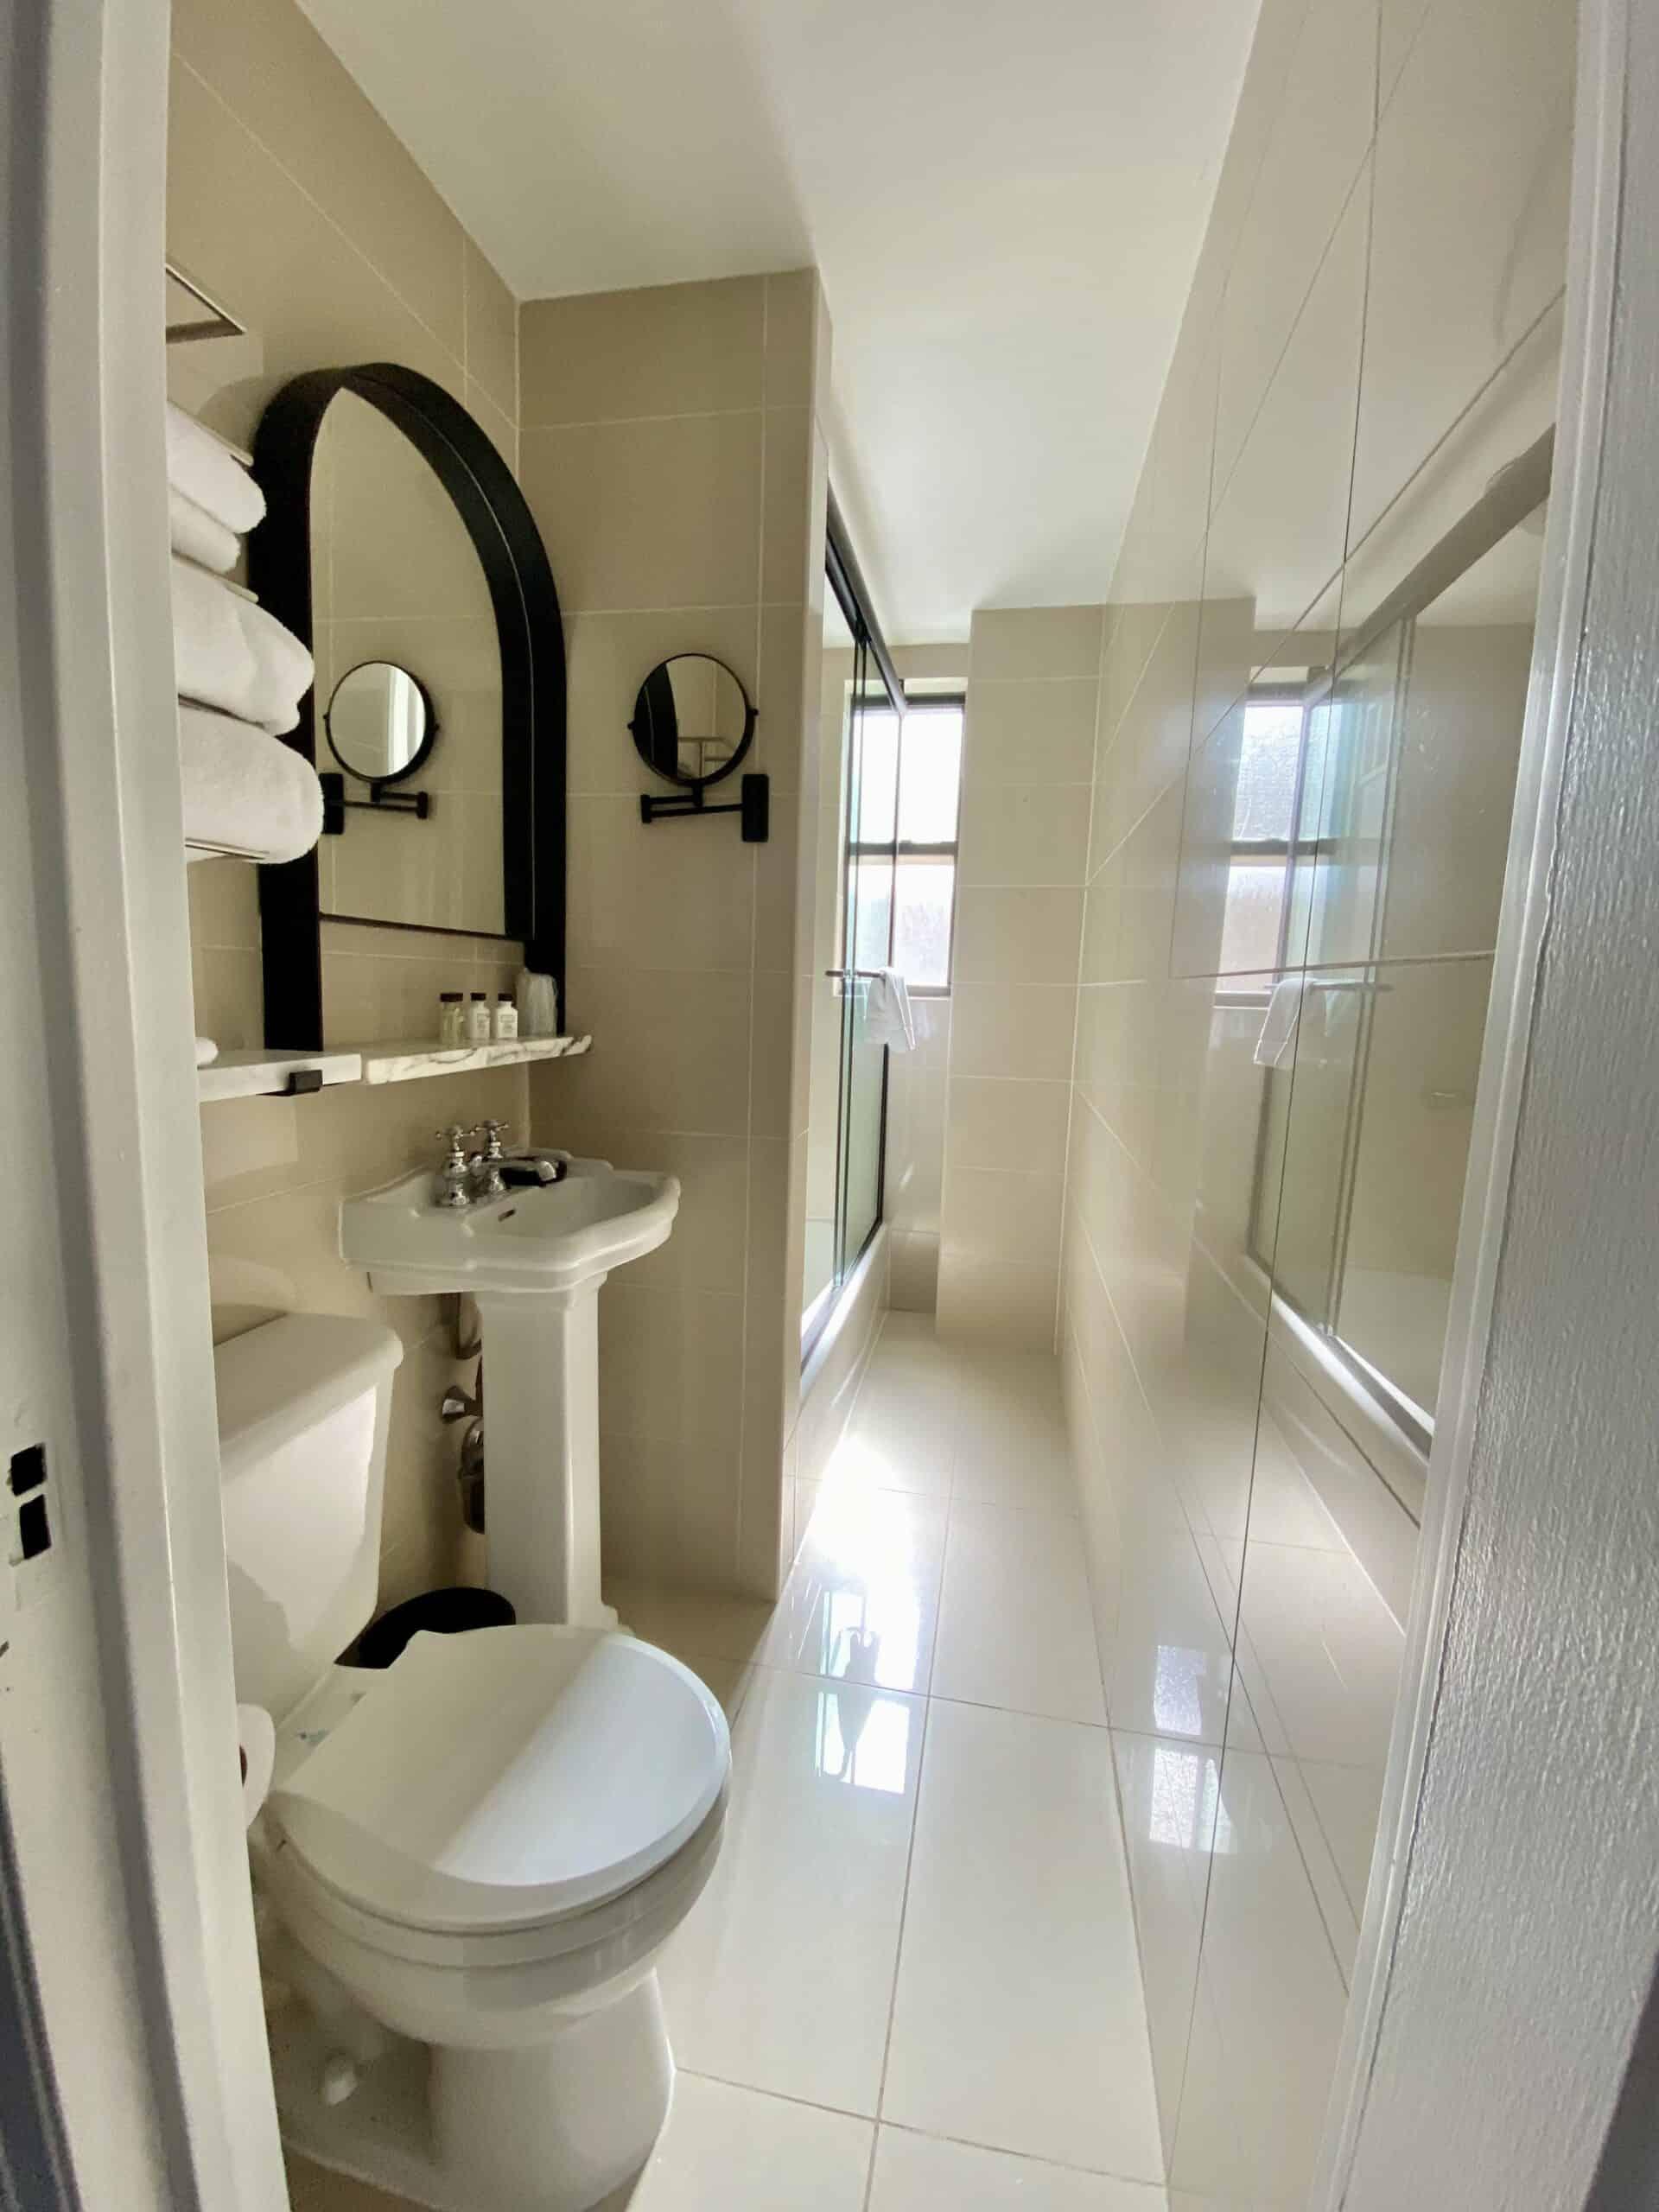 bathroom at the VOCO Franklin Hotel